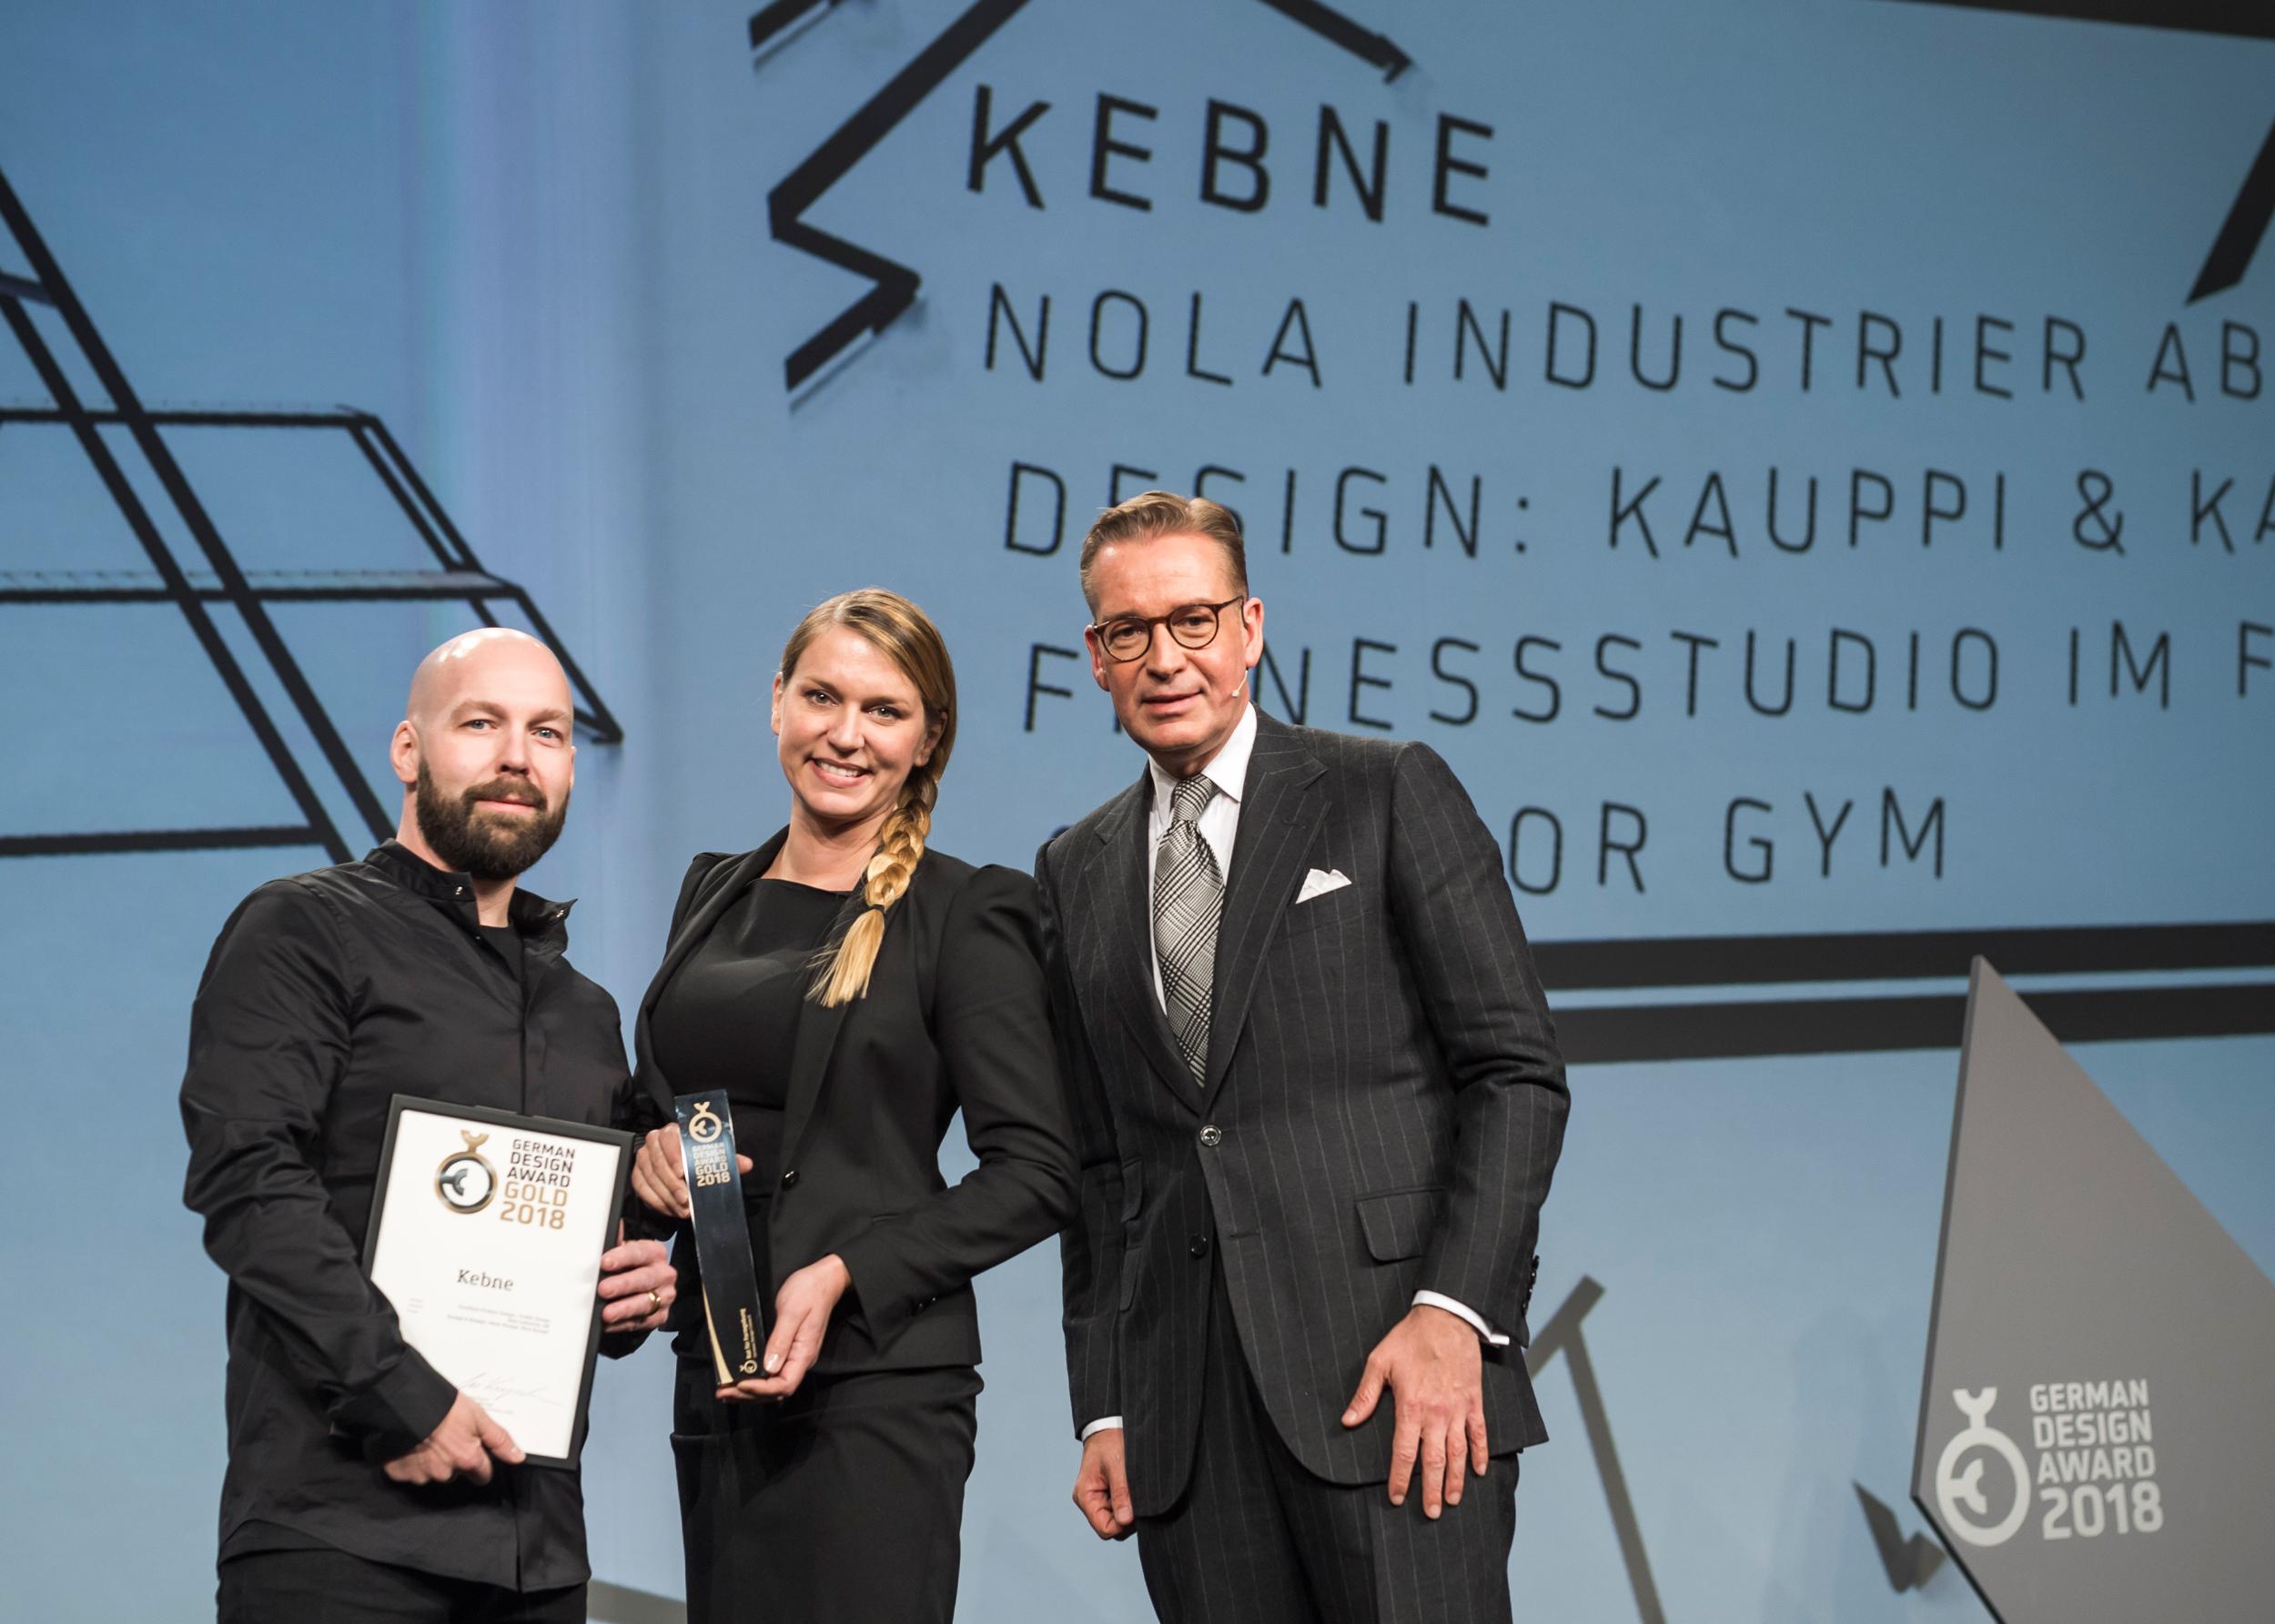 German Design Award 2018 - Gold - Kebne by Nola - Design Kauppi & Kauppi